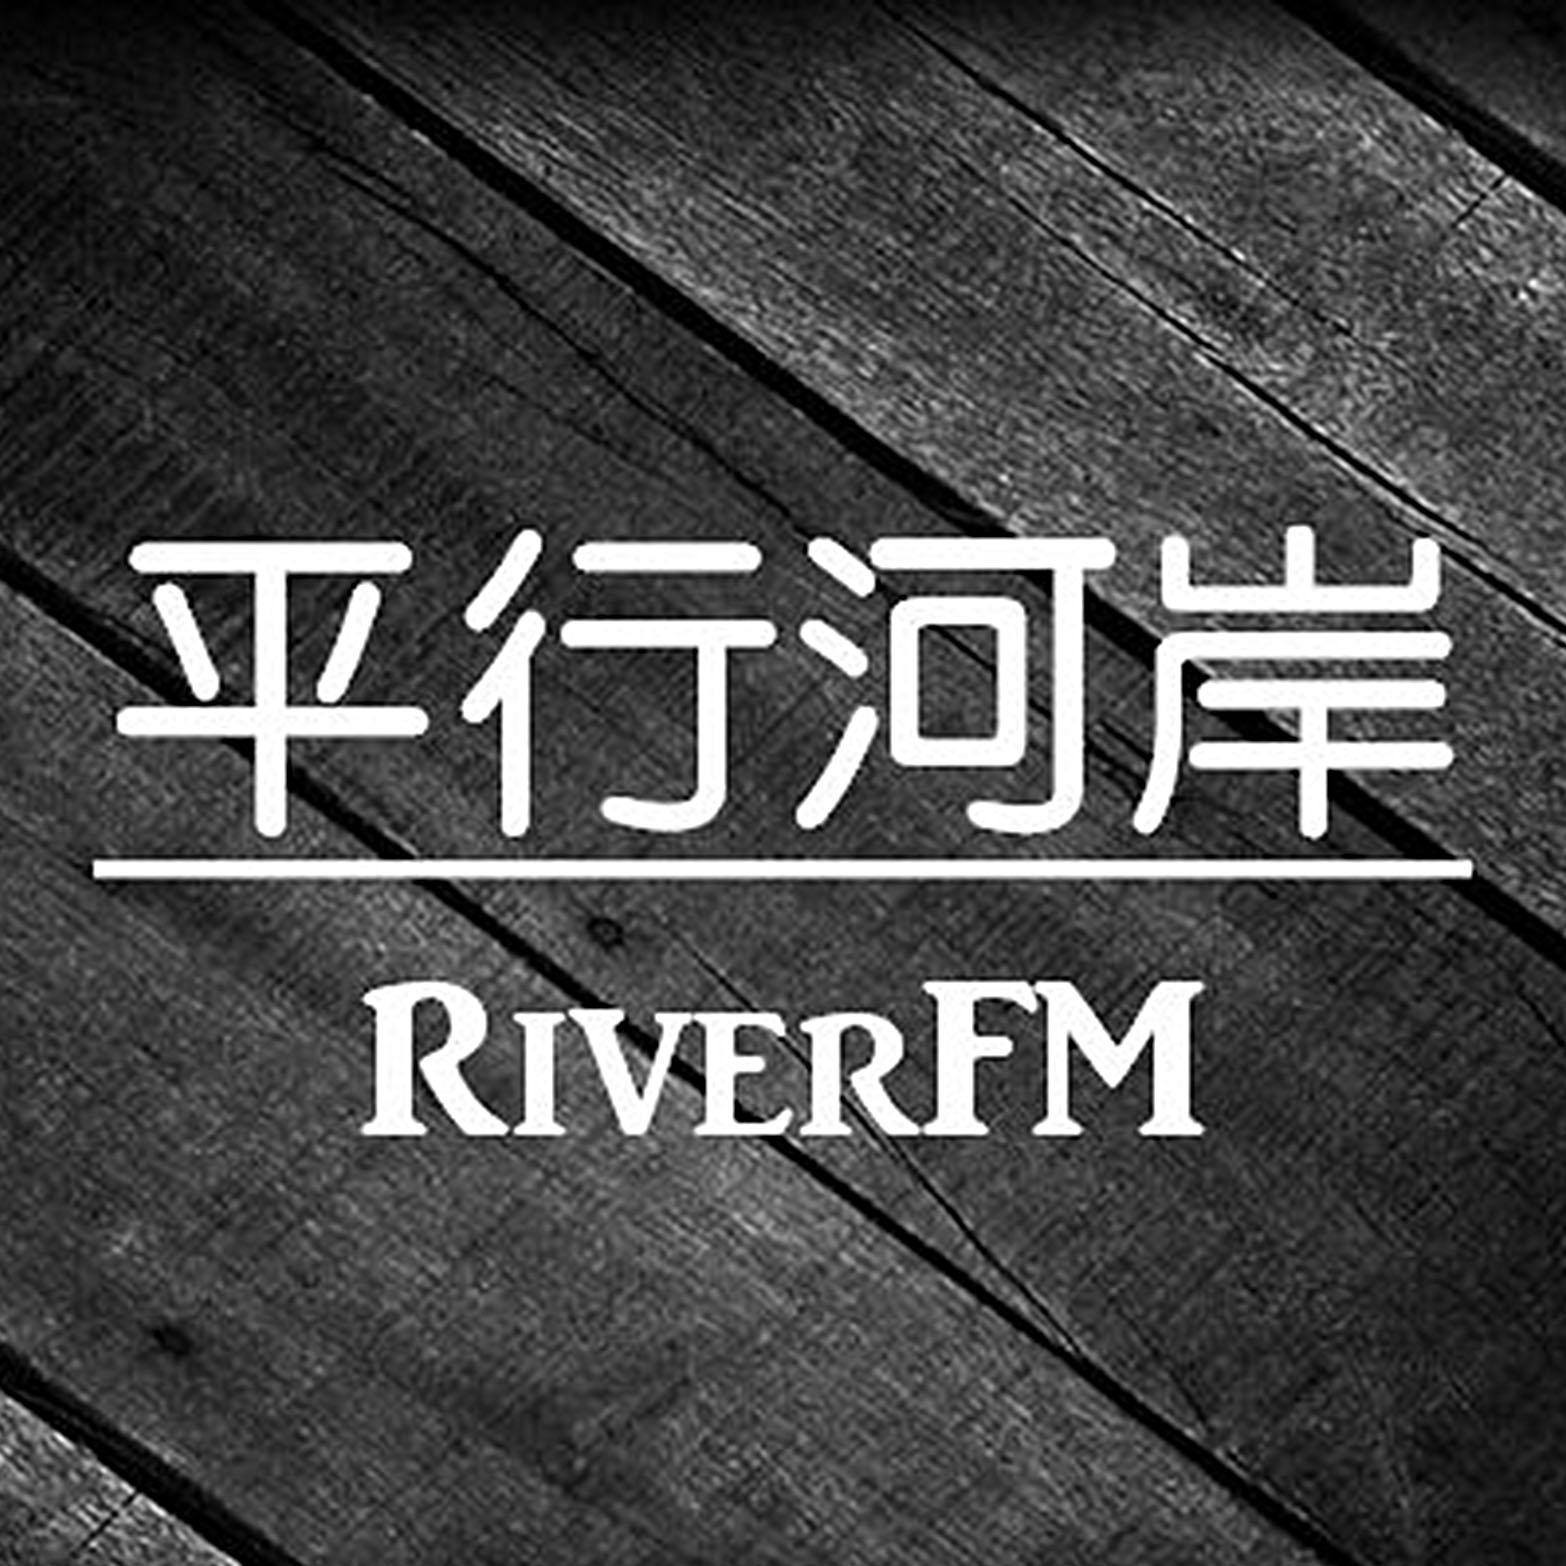 <![CDATA[RiverFM]]>